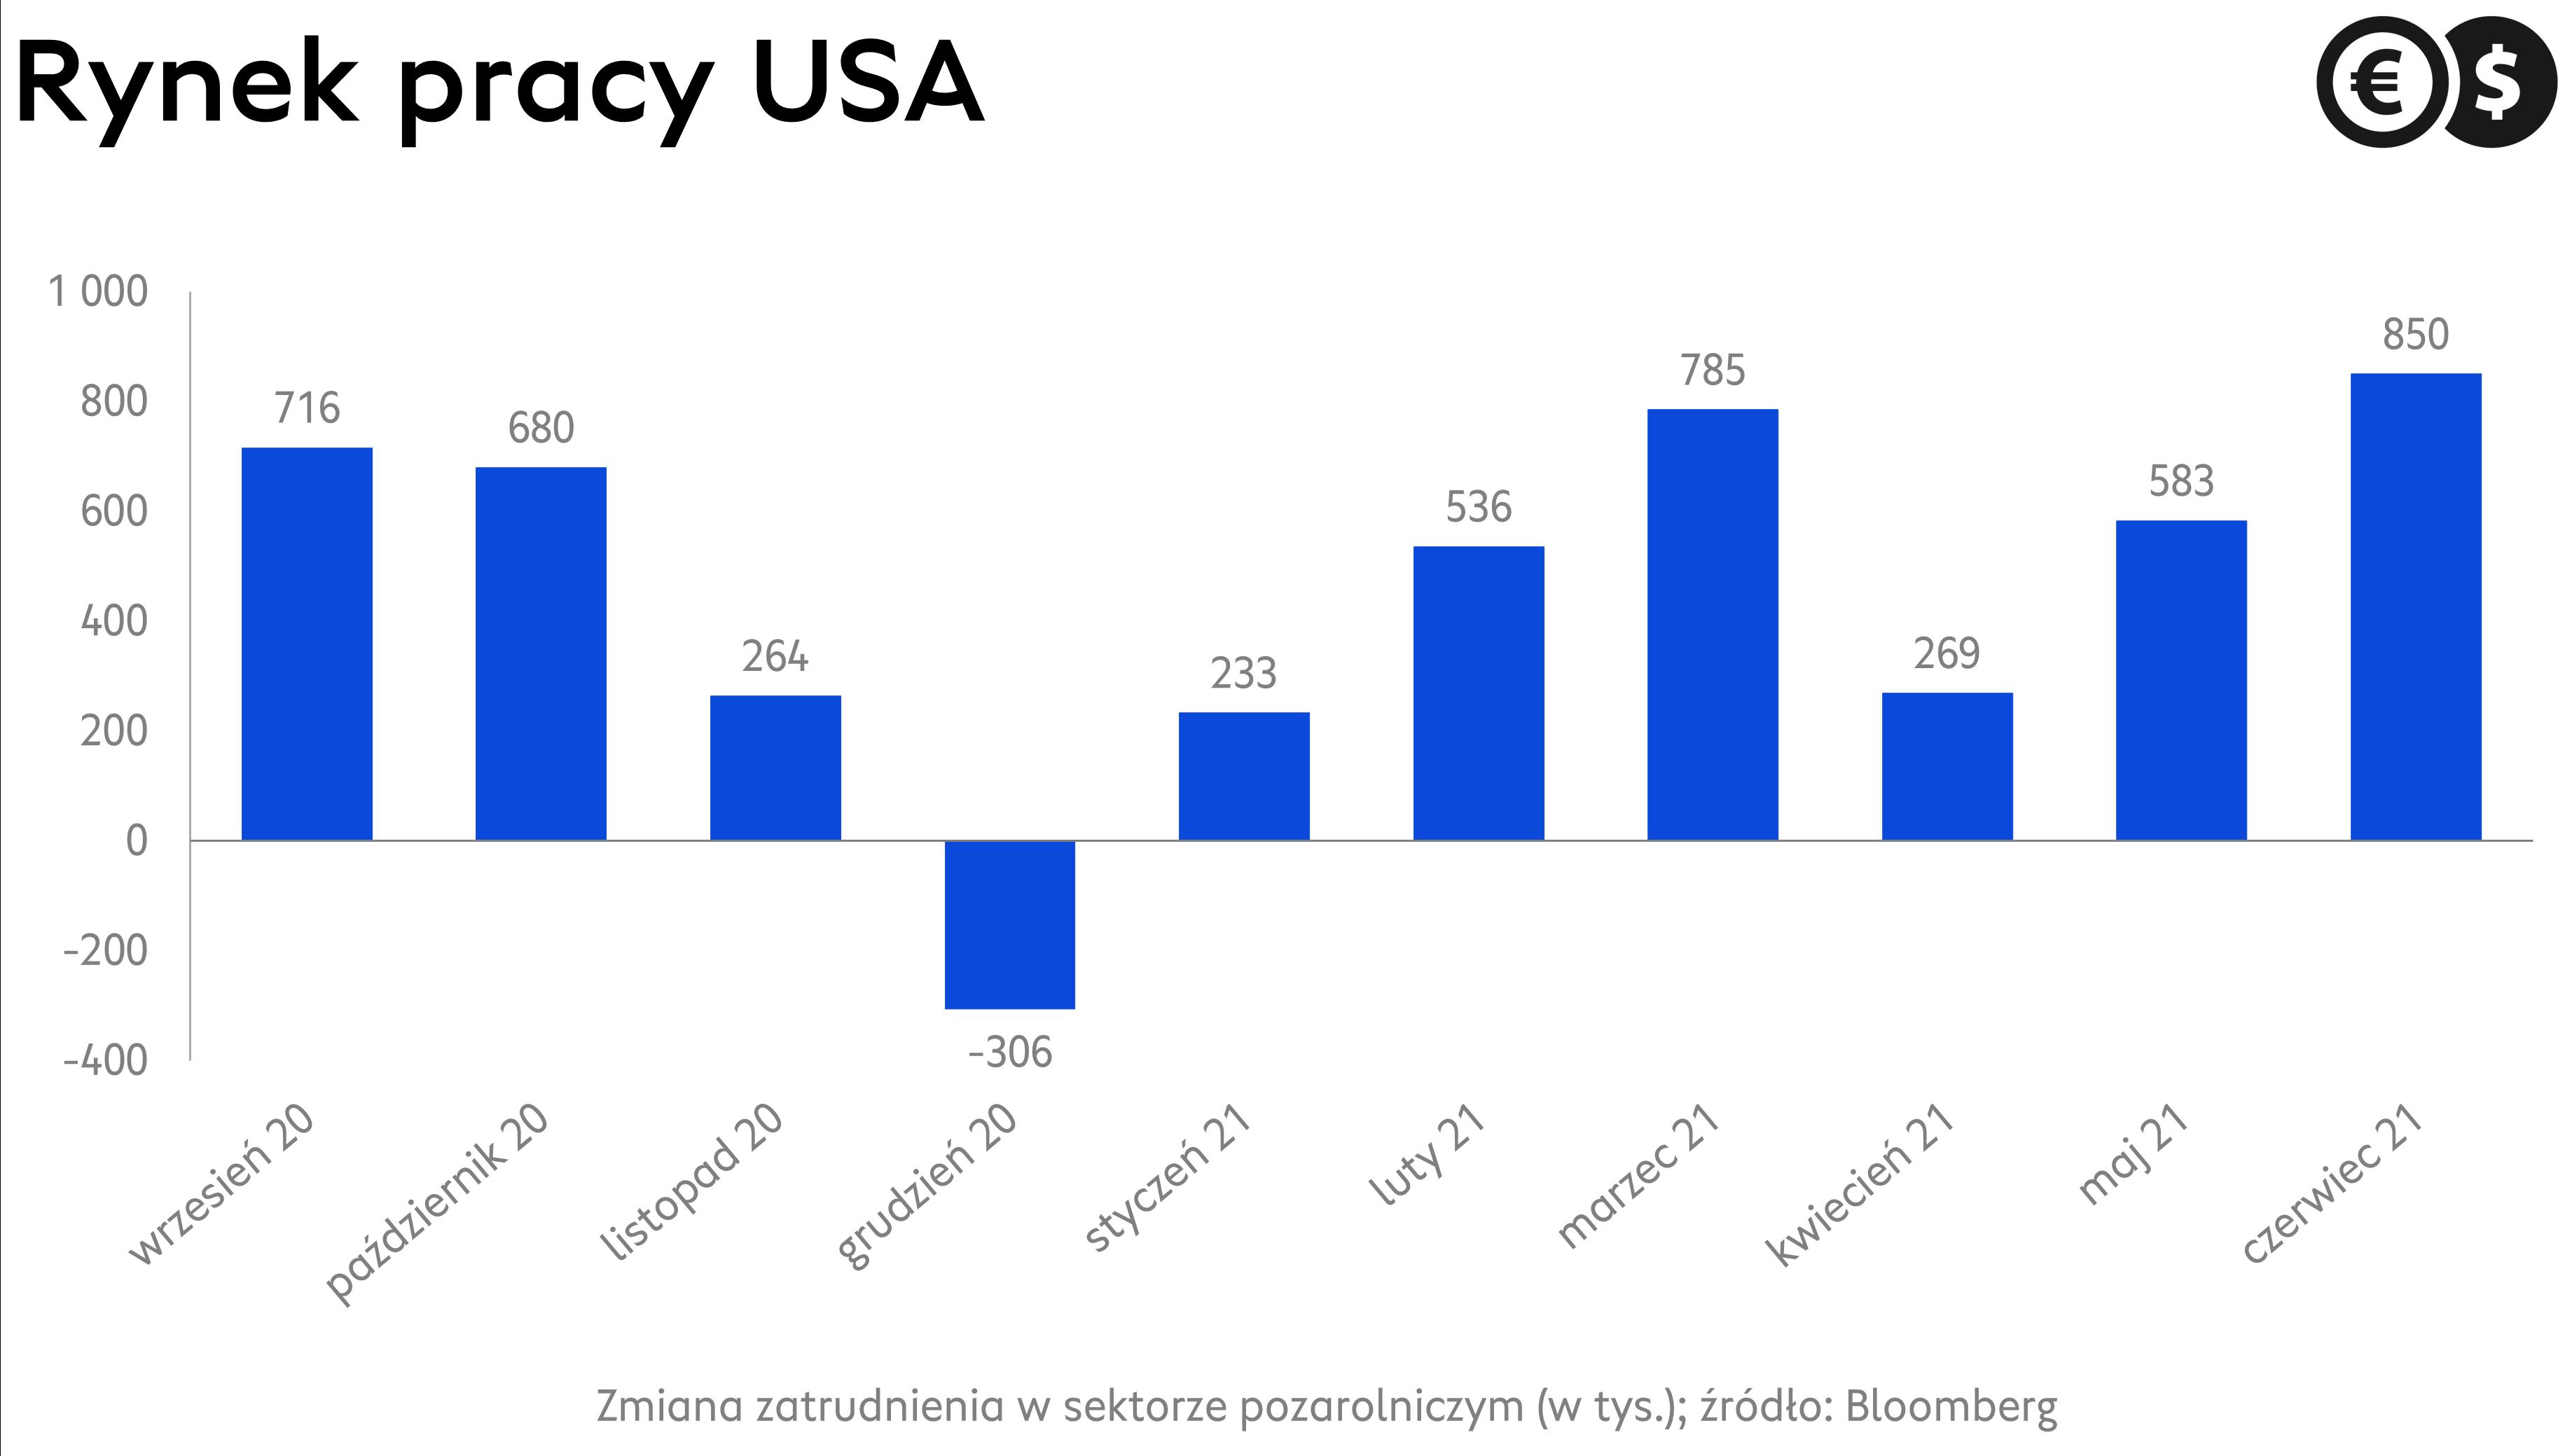 Rynek pracy USA, zmiana zatrudnienia poza rolnictwem, źródło: Bloomberg